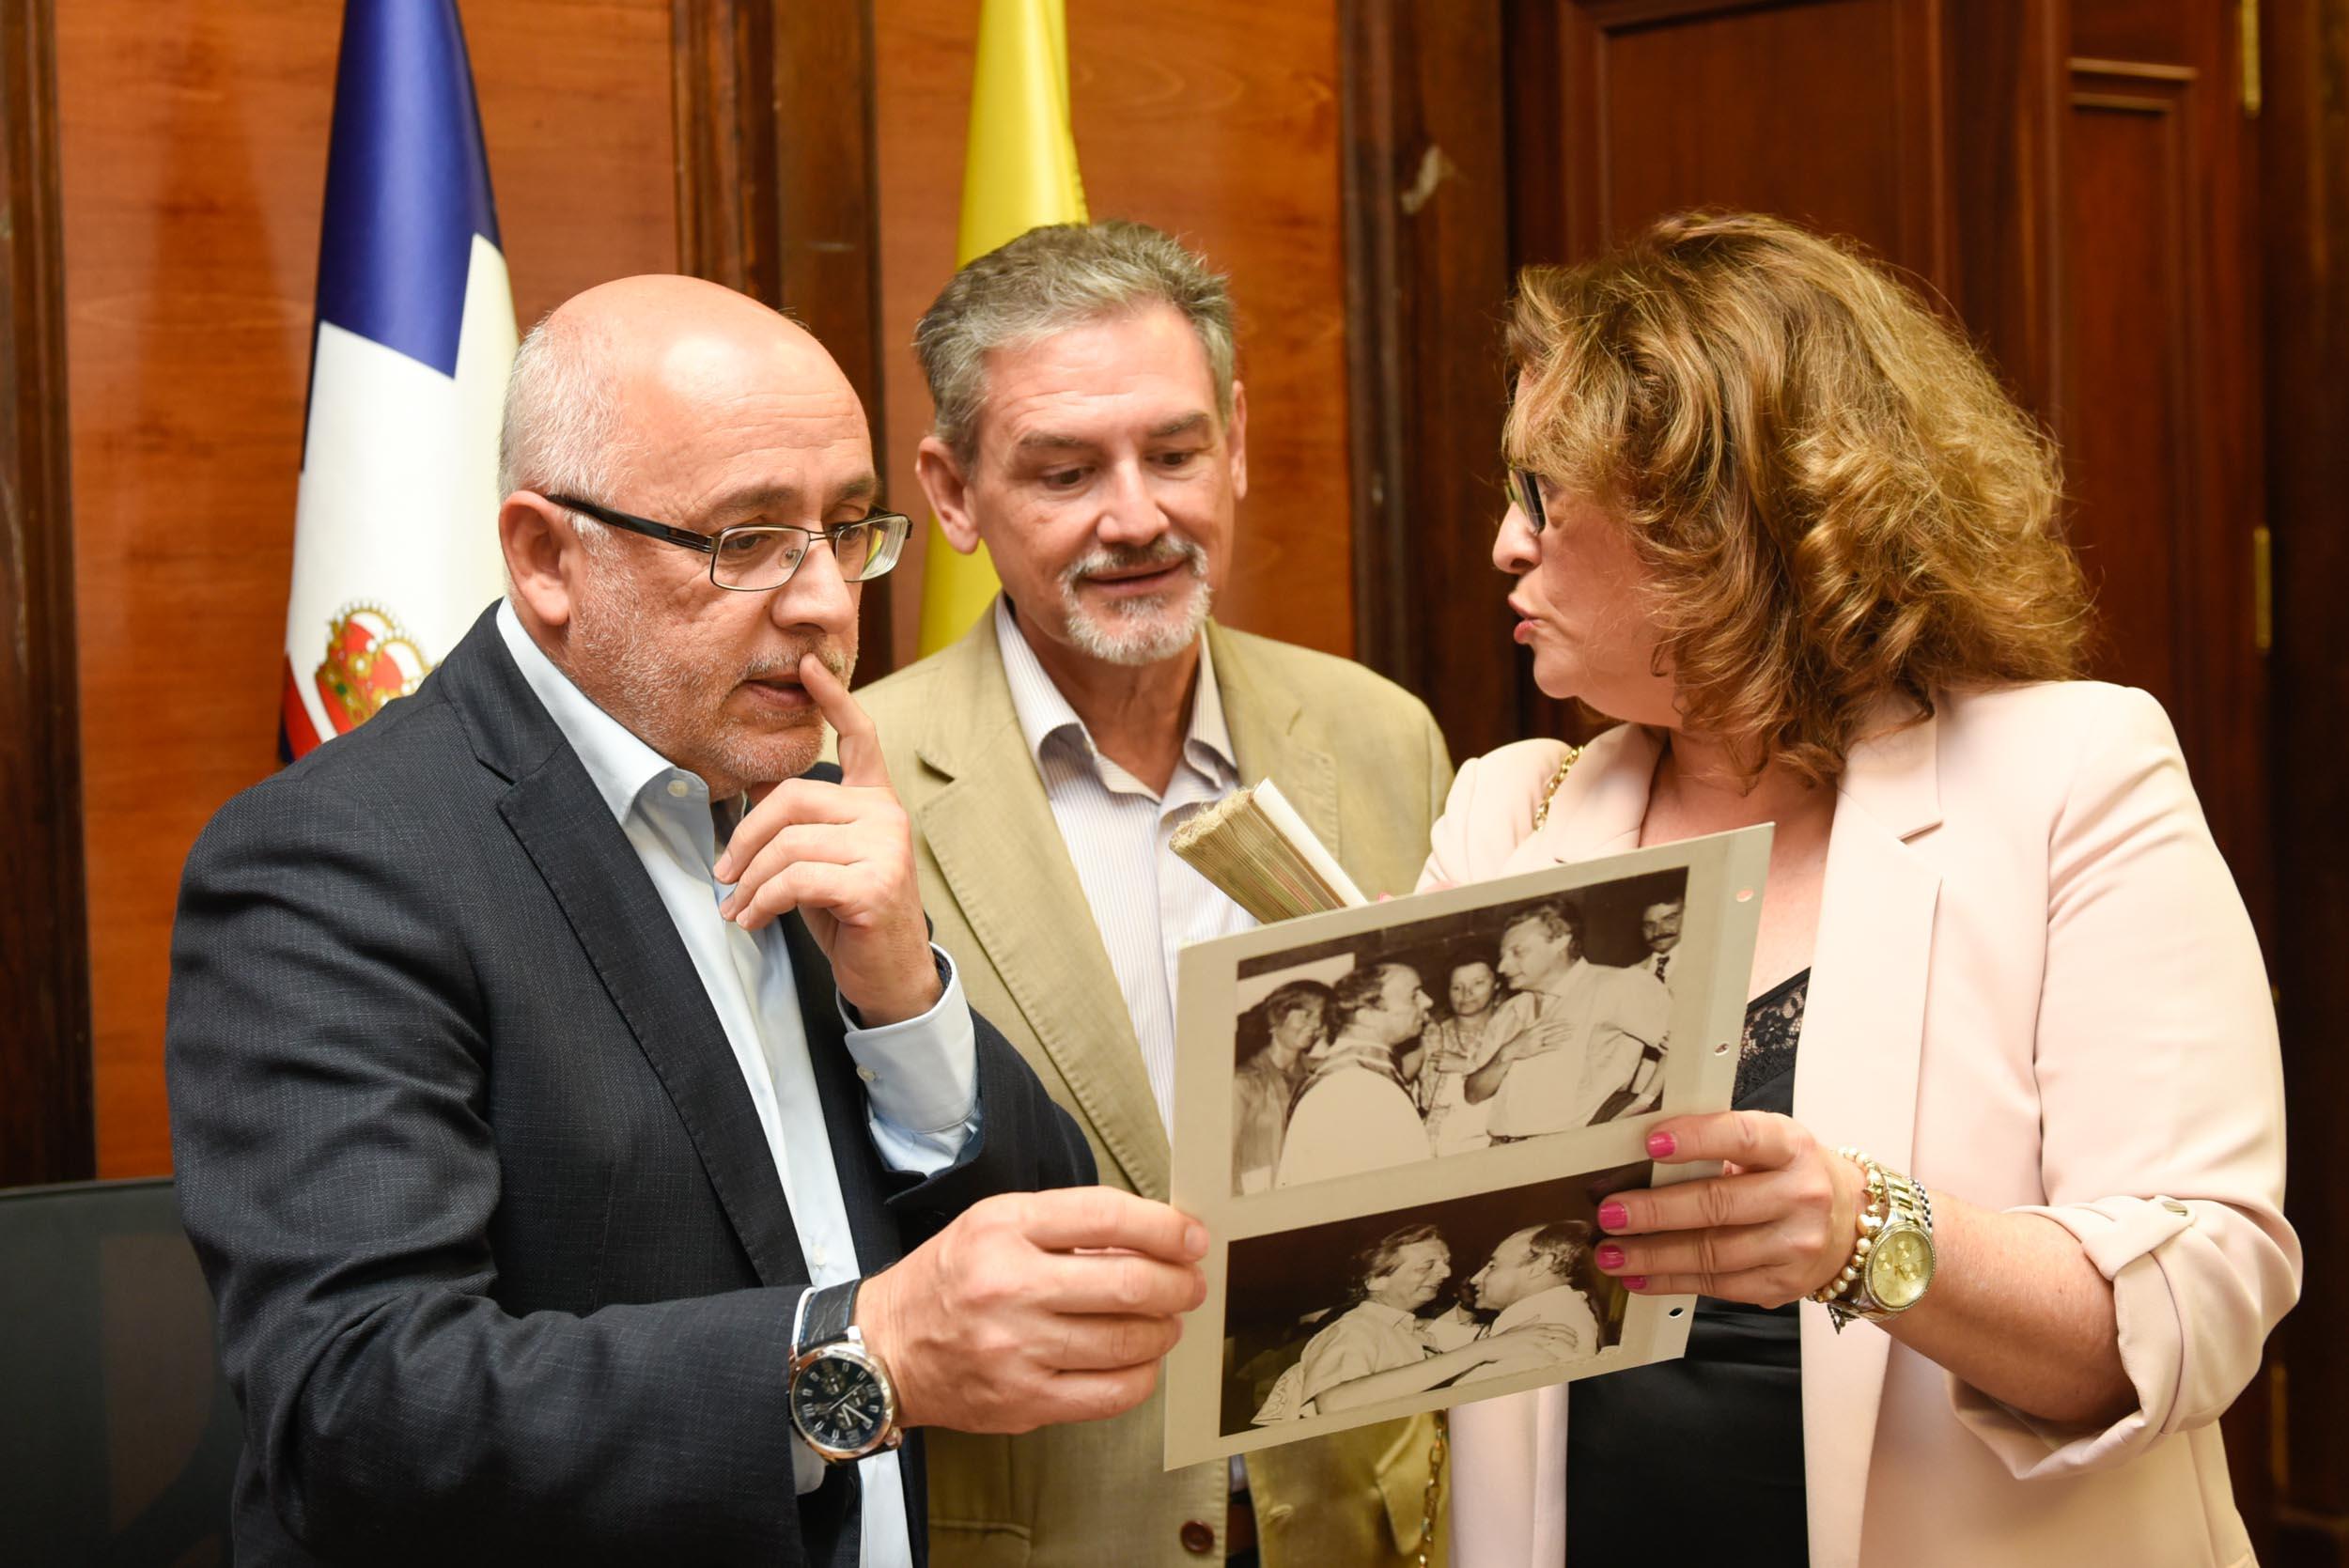 El Cabildo de Gran Canaria y la Fundación Kraus culminan el inventariado del legado de Alfredo Kraus y afrontan su restauración